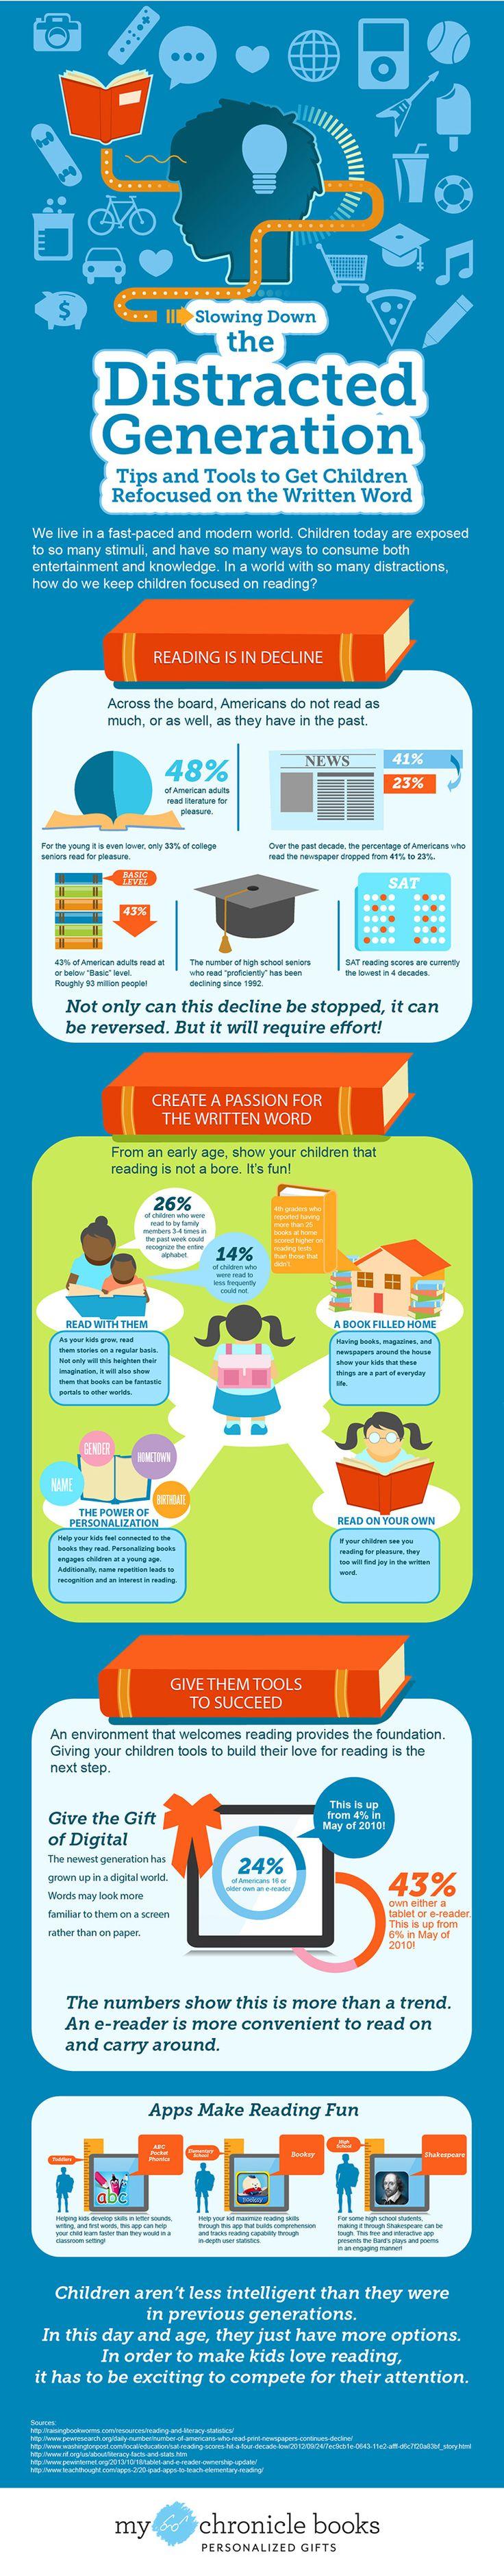 Cómo volver a interesar a nuestros menores en la lectura ahora que regresan a clases?